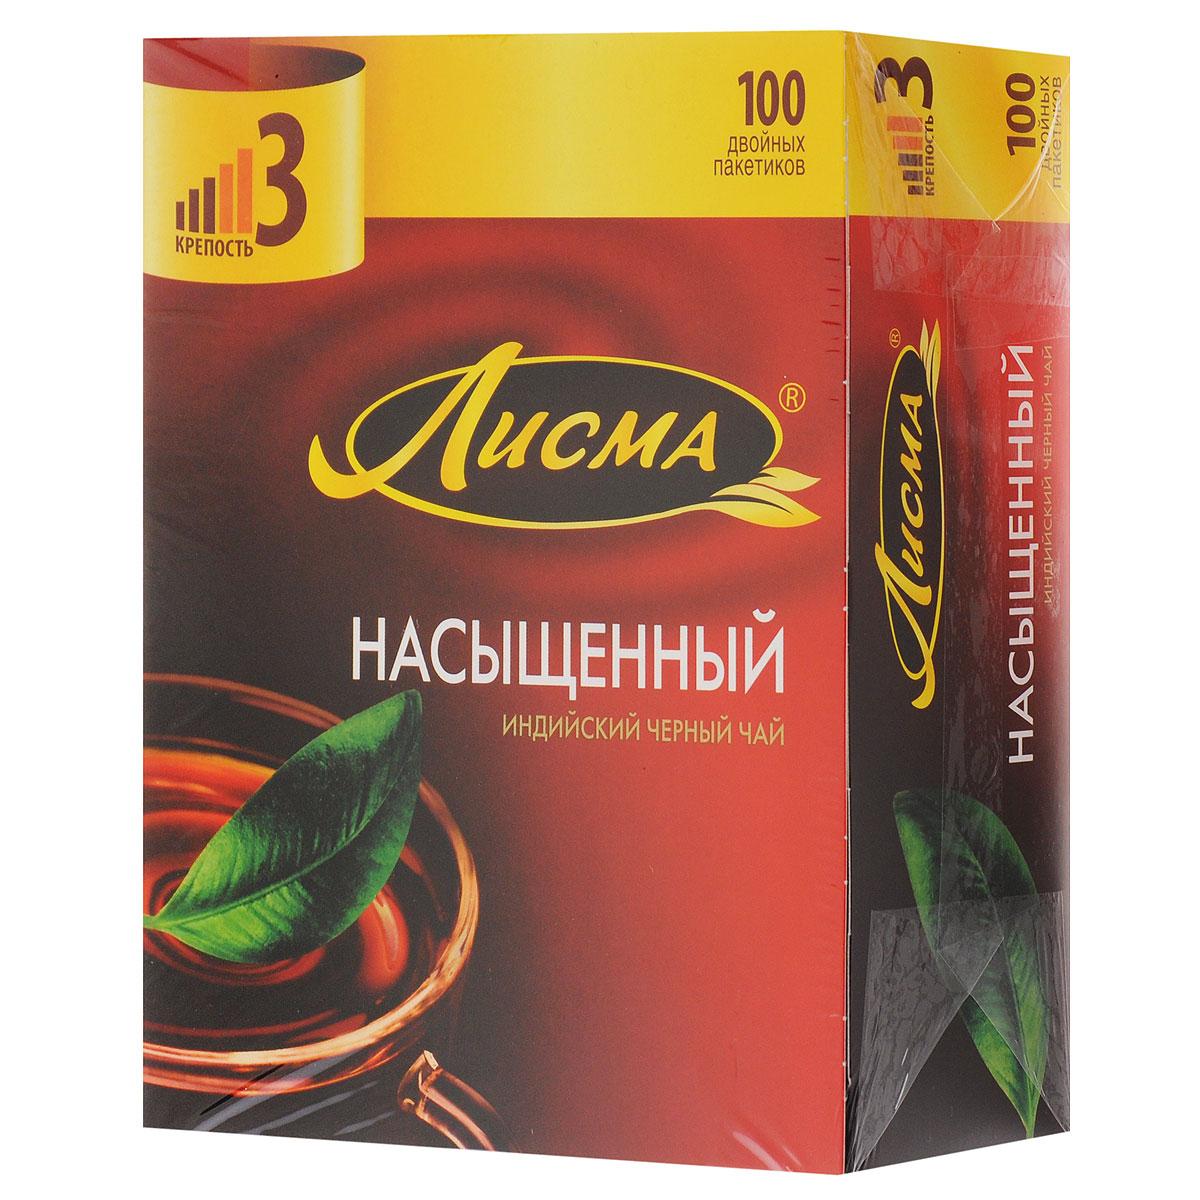 Лисма Насыщенный черный чай в пакетиках, 100 шт202030Лисма Насыщенный - индийский черный байховый чай в пакетиках. В коробке содержится 100 пакетиков по 1,8 грамма.